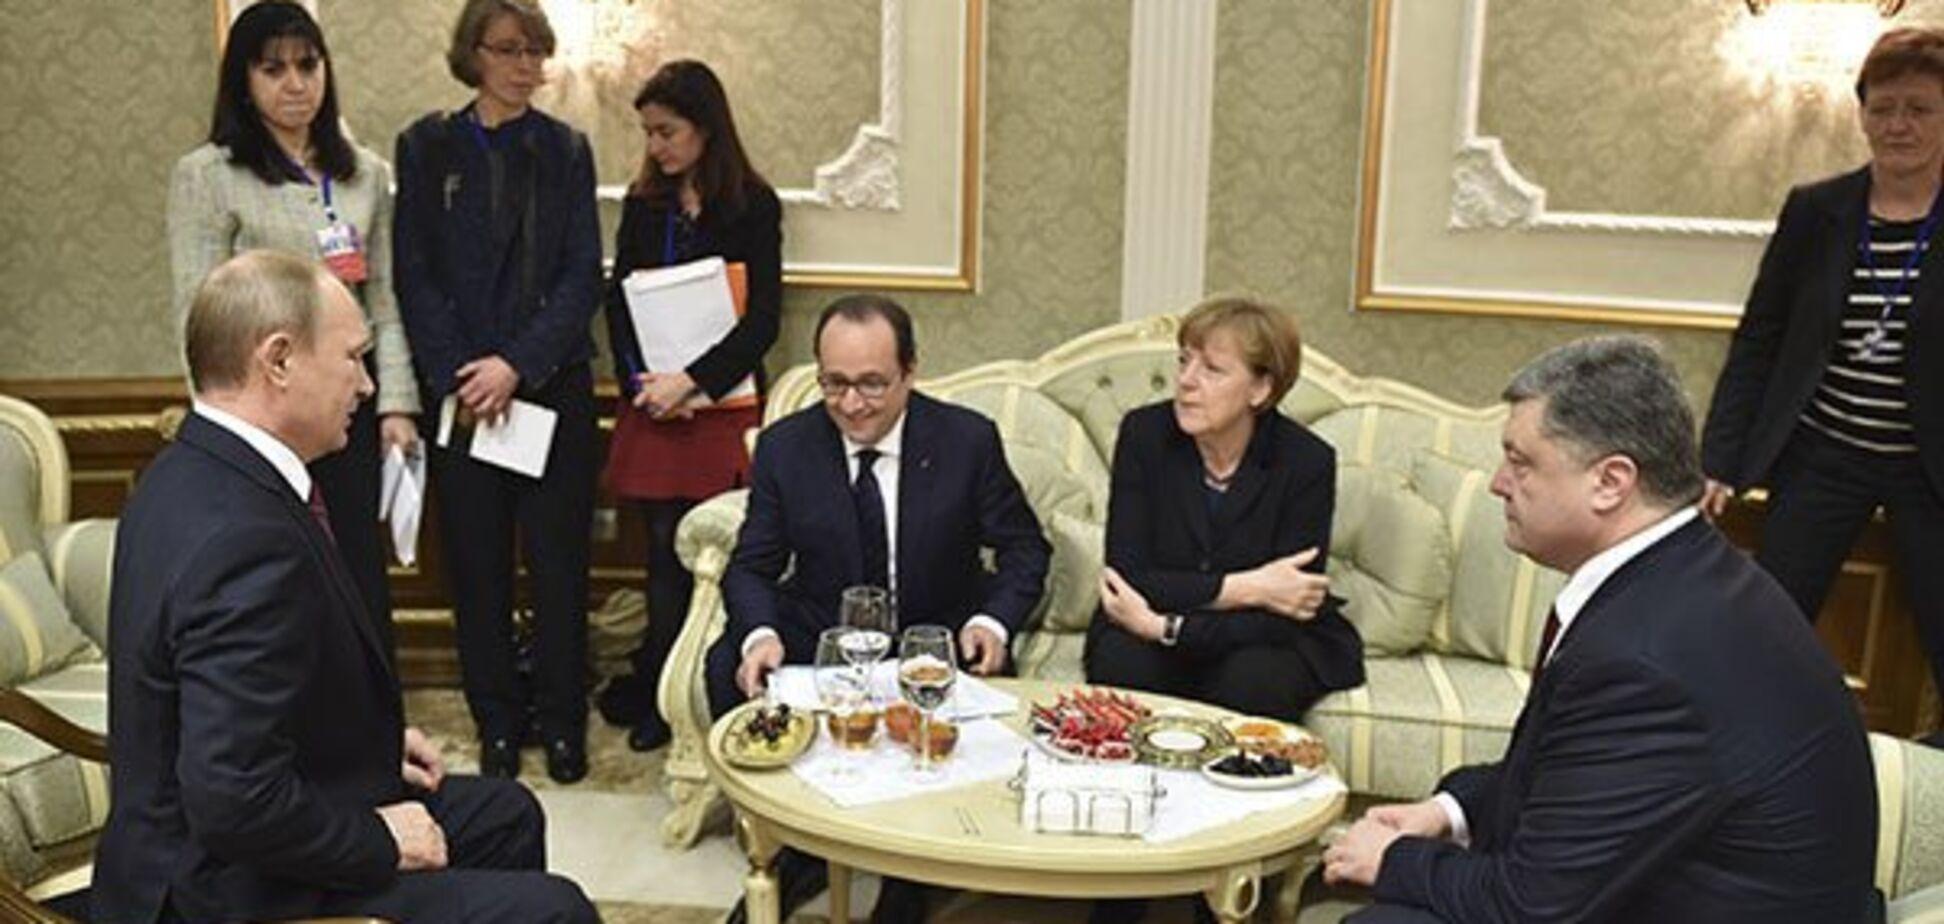 Путин психовал, а Порошенко затыкал ему рот: арбитром была Меркель